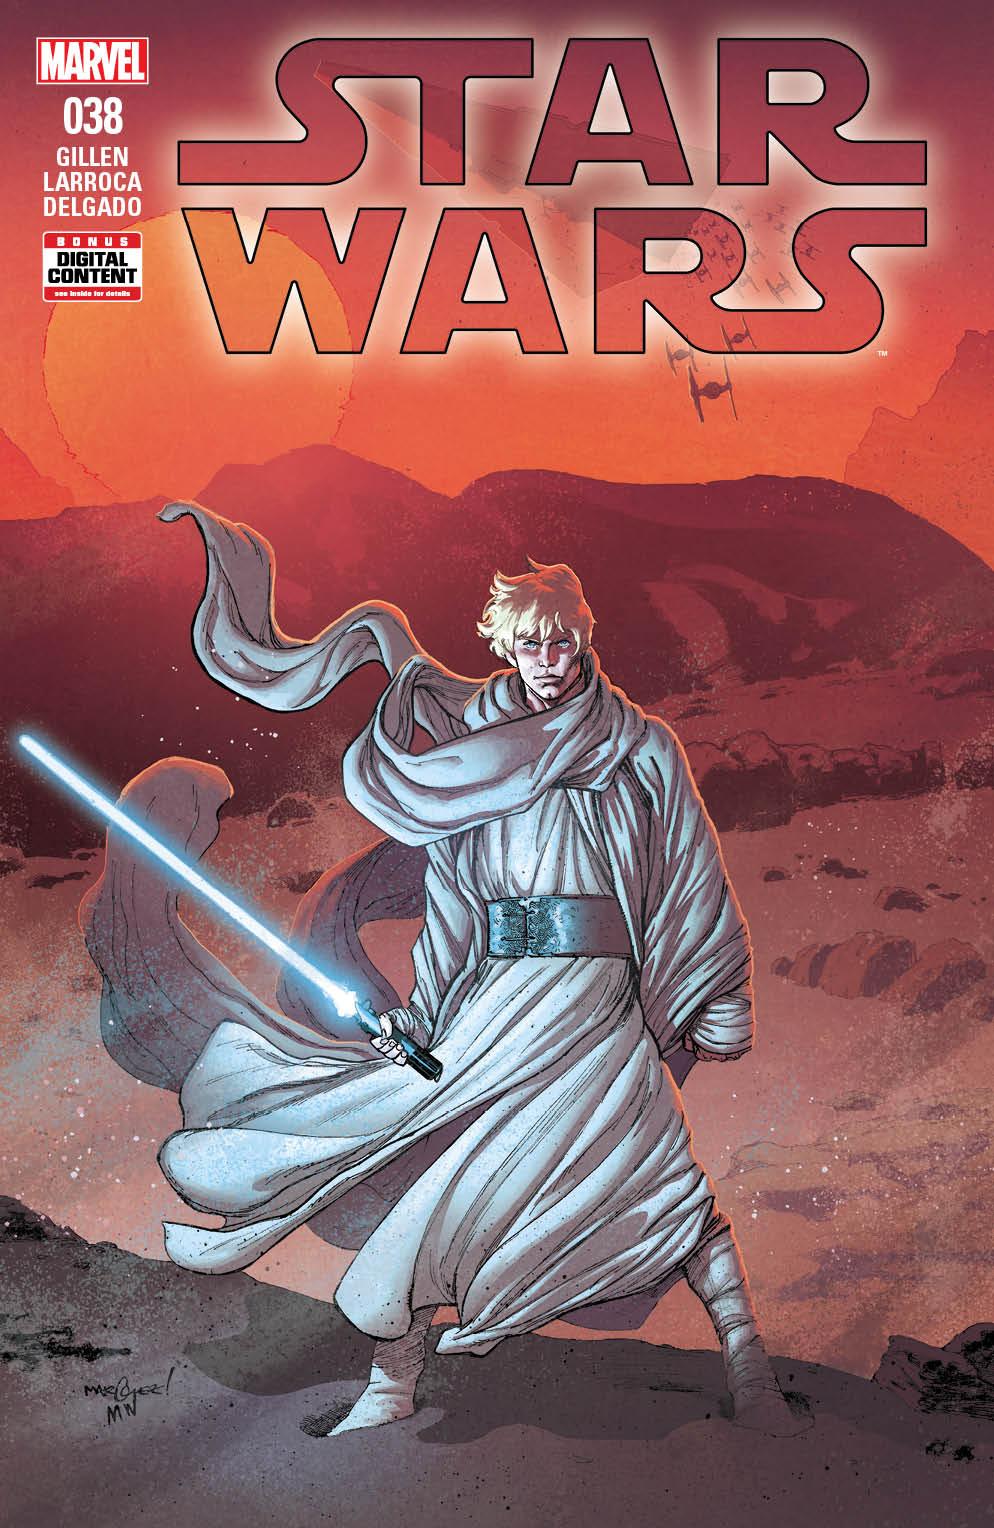 Звёздные войны 38: Пепел Джеды, часть 1